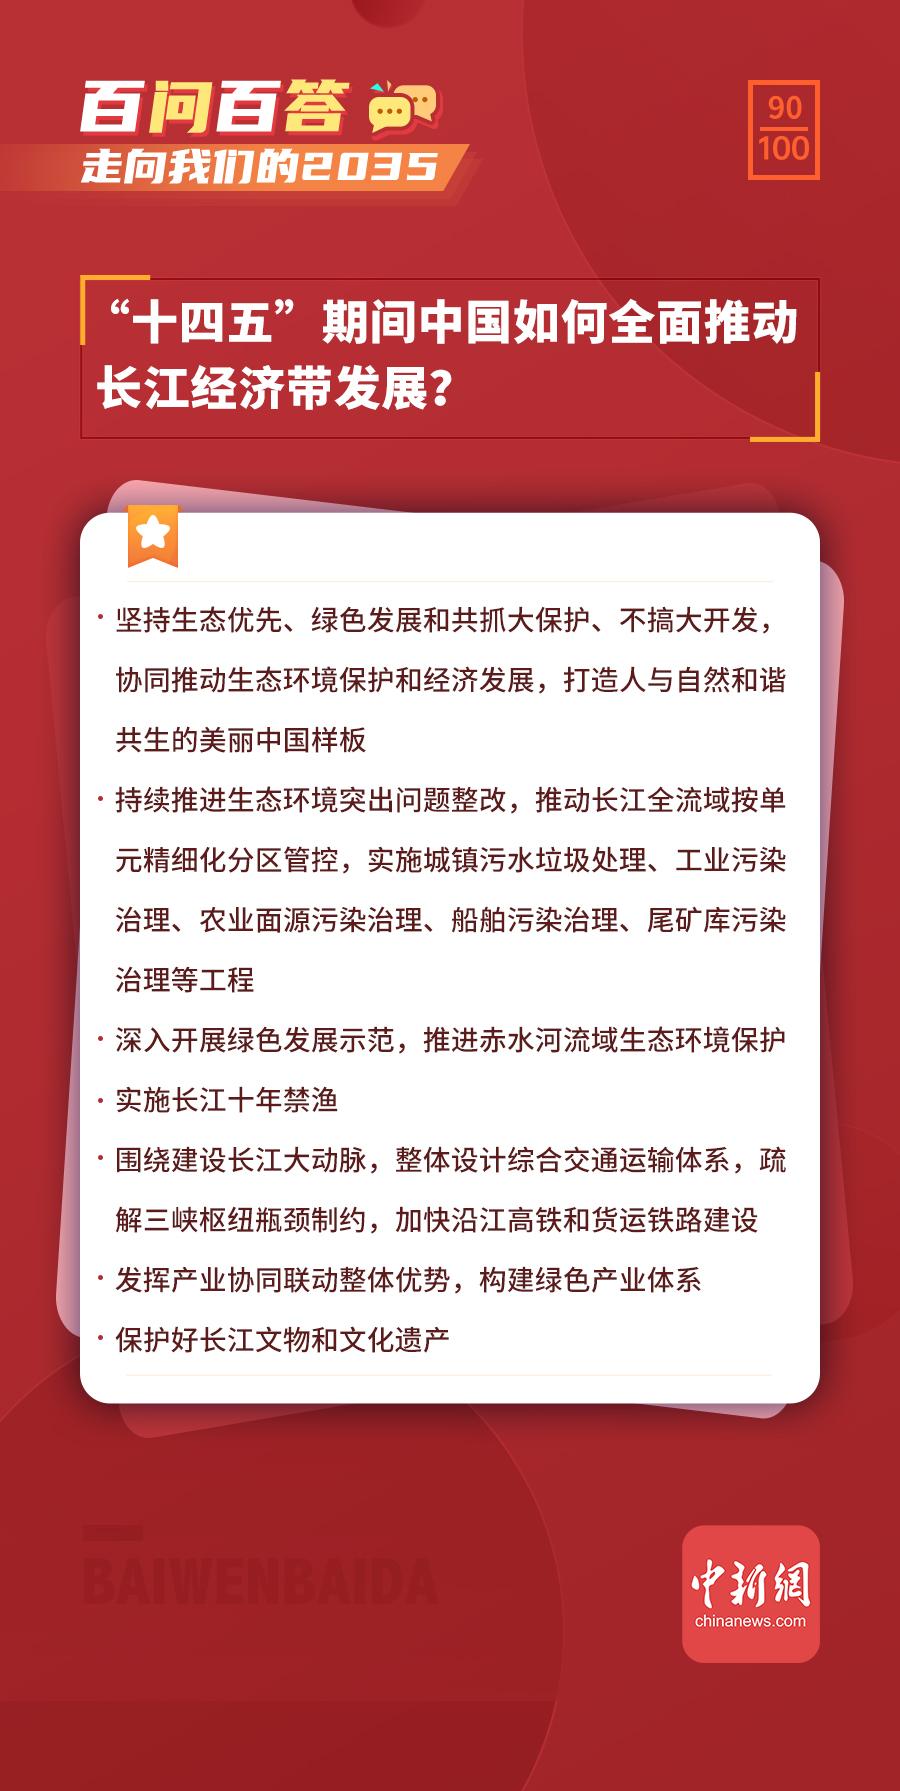 """【走向我们的2035·百问百答】""""十四五""""期间中国如何全面推动长江经济带发展?"""